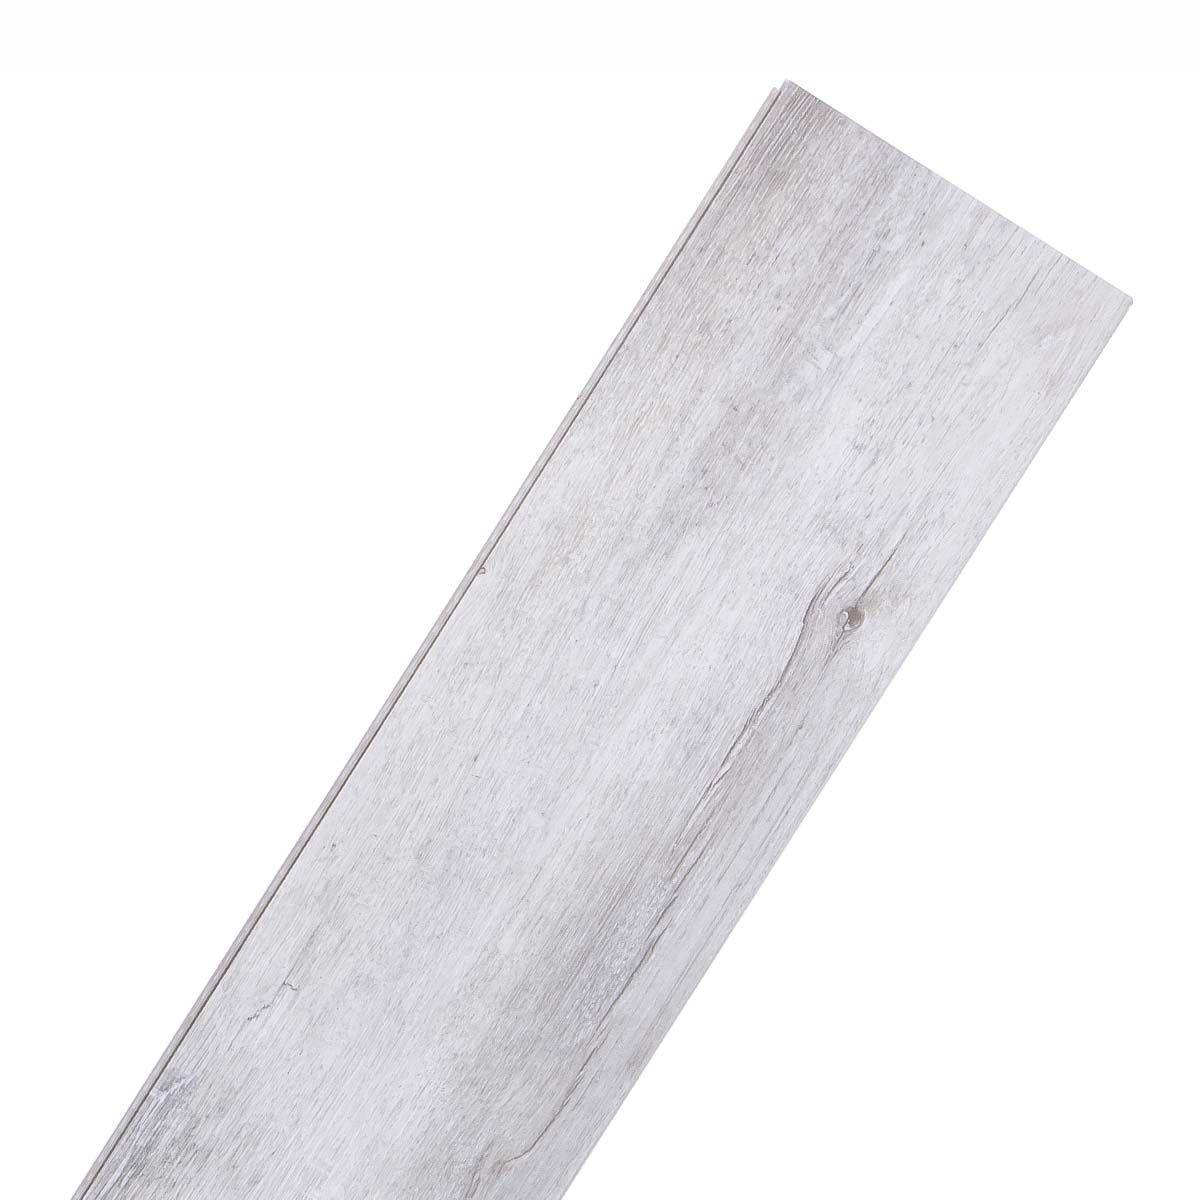 Lame clipsable effet vintage blanc grisé 4mm Grezzana